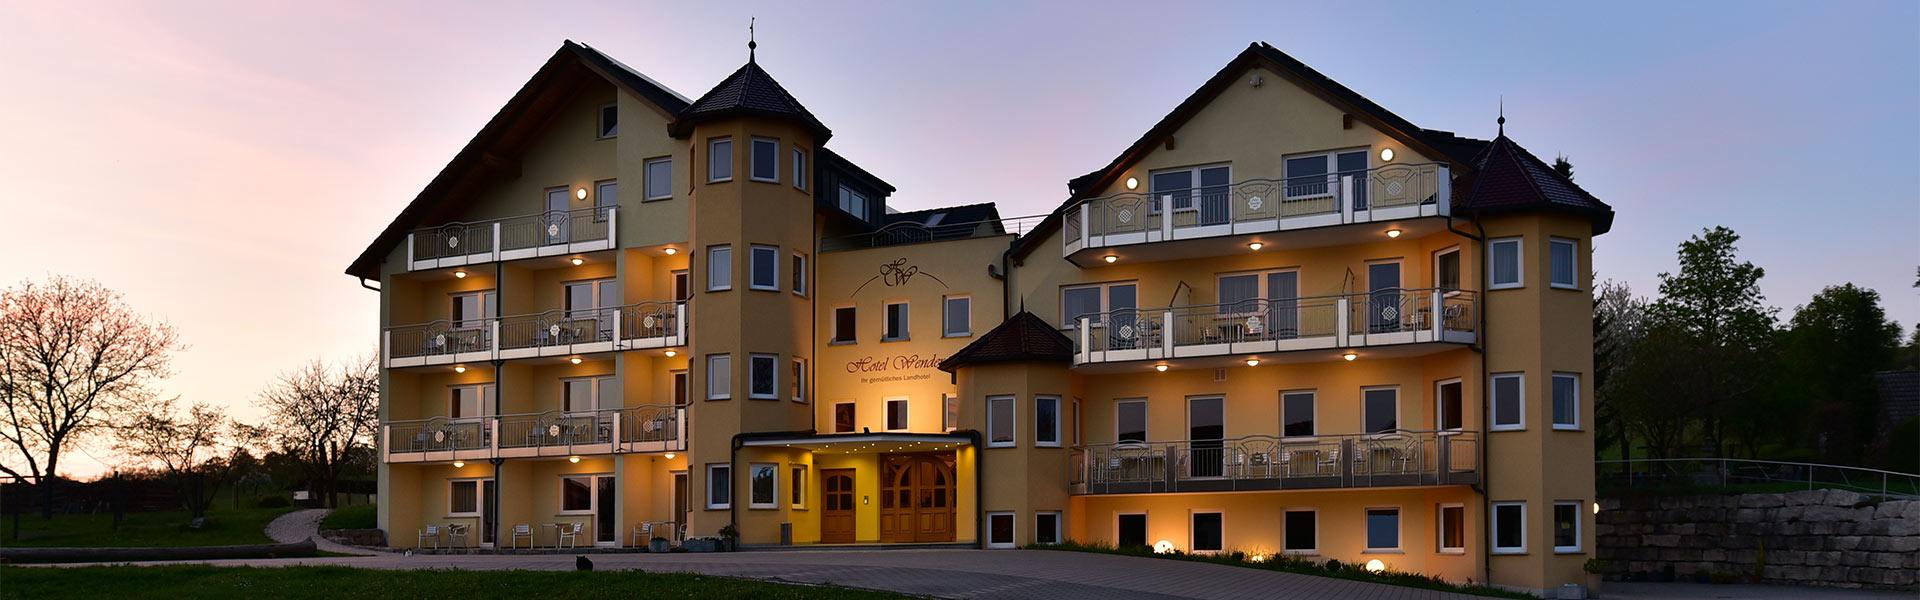 Hotel Wender Rothenburg